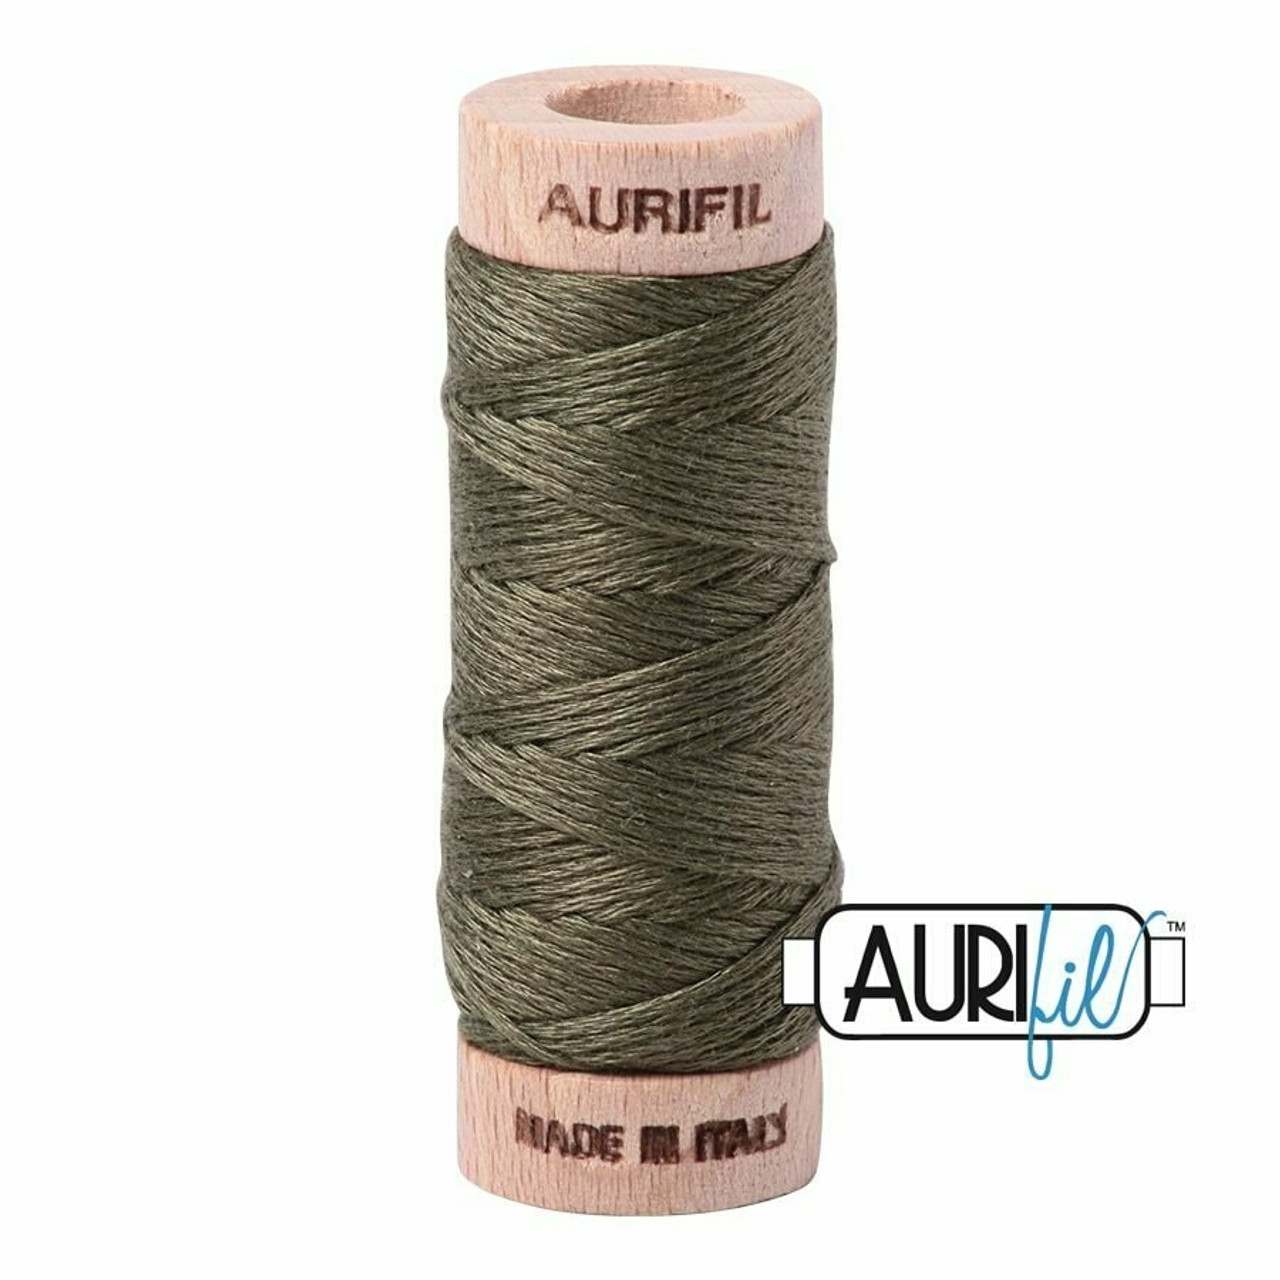 Aurifil Floss Army Green (2905) thread